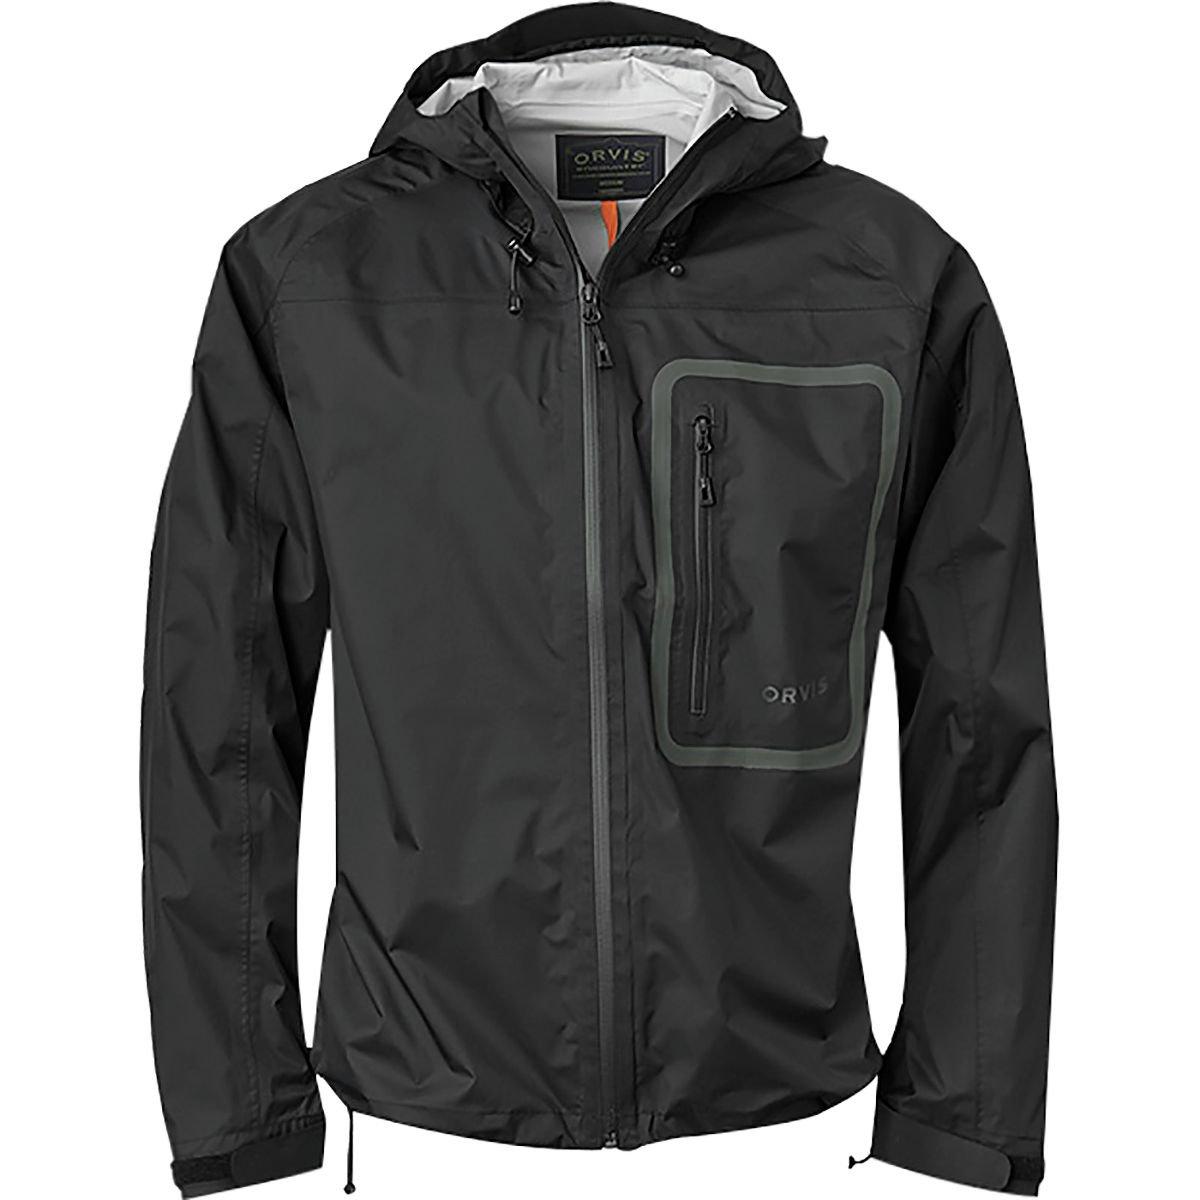 2019年新作 オービスEncounter Jacket – ブラック Men 's B01BFQVFSI Large – Large|ブラック ブラック Large, ダヒヨーグルト種菌通販レインビオ:6a63ba9d --- ballyshannonshow.com